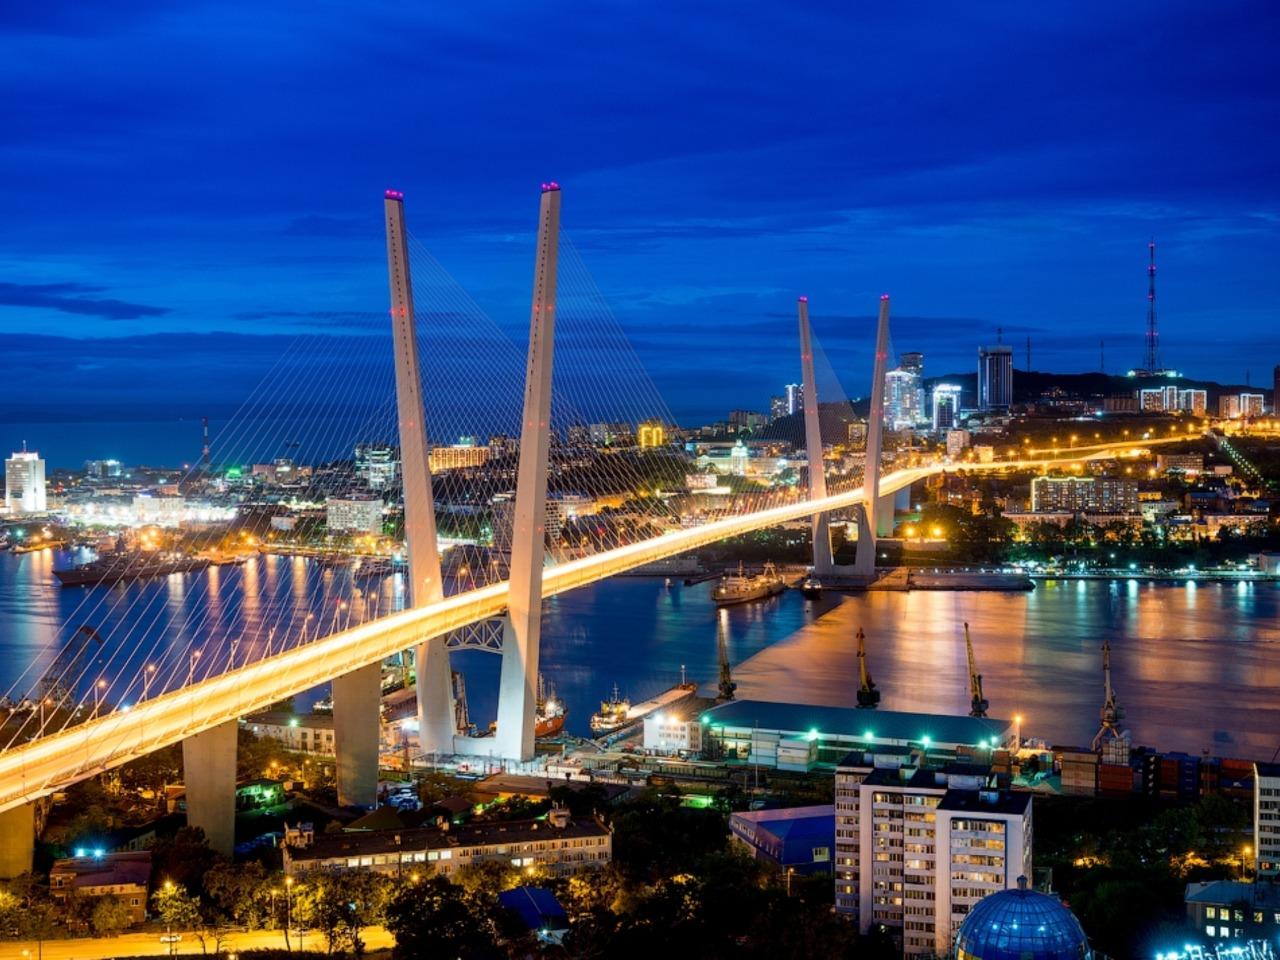 Вечерний Владивосток и о.Русский . - индивидуальная экскурсия по Владивостоку от опытного гида